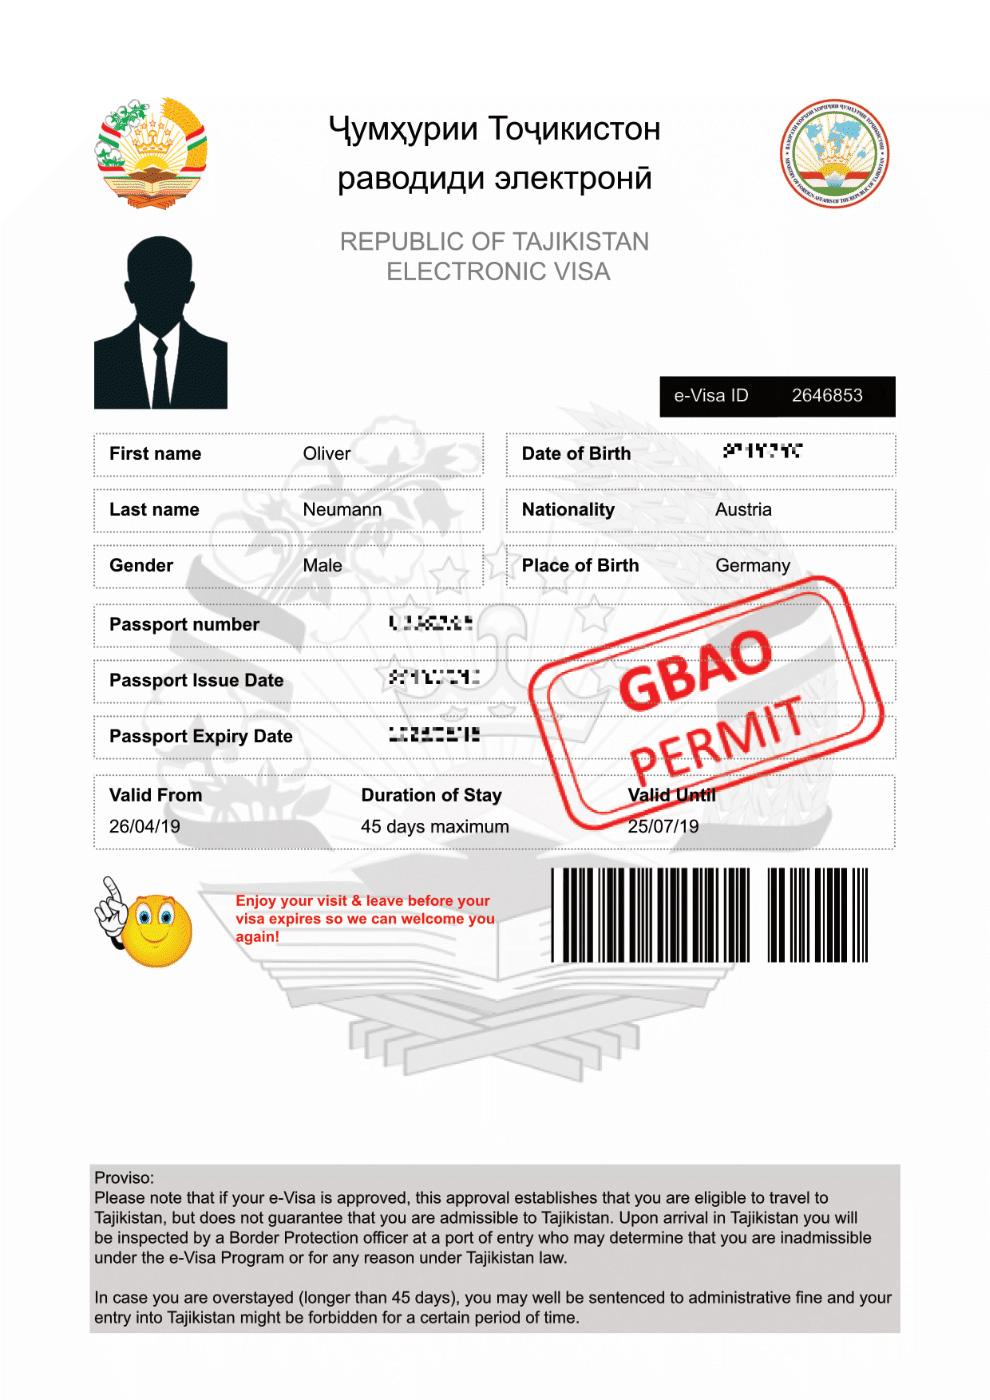 E-Visum von Tadschikistan, ein offizielles Dokument, auch wenn es mit einem Emoticon verziert ist.